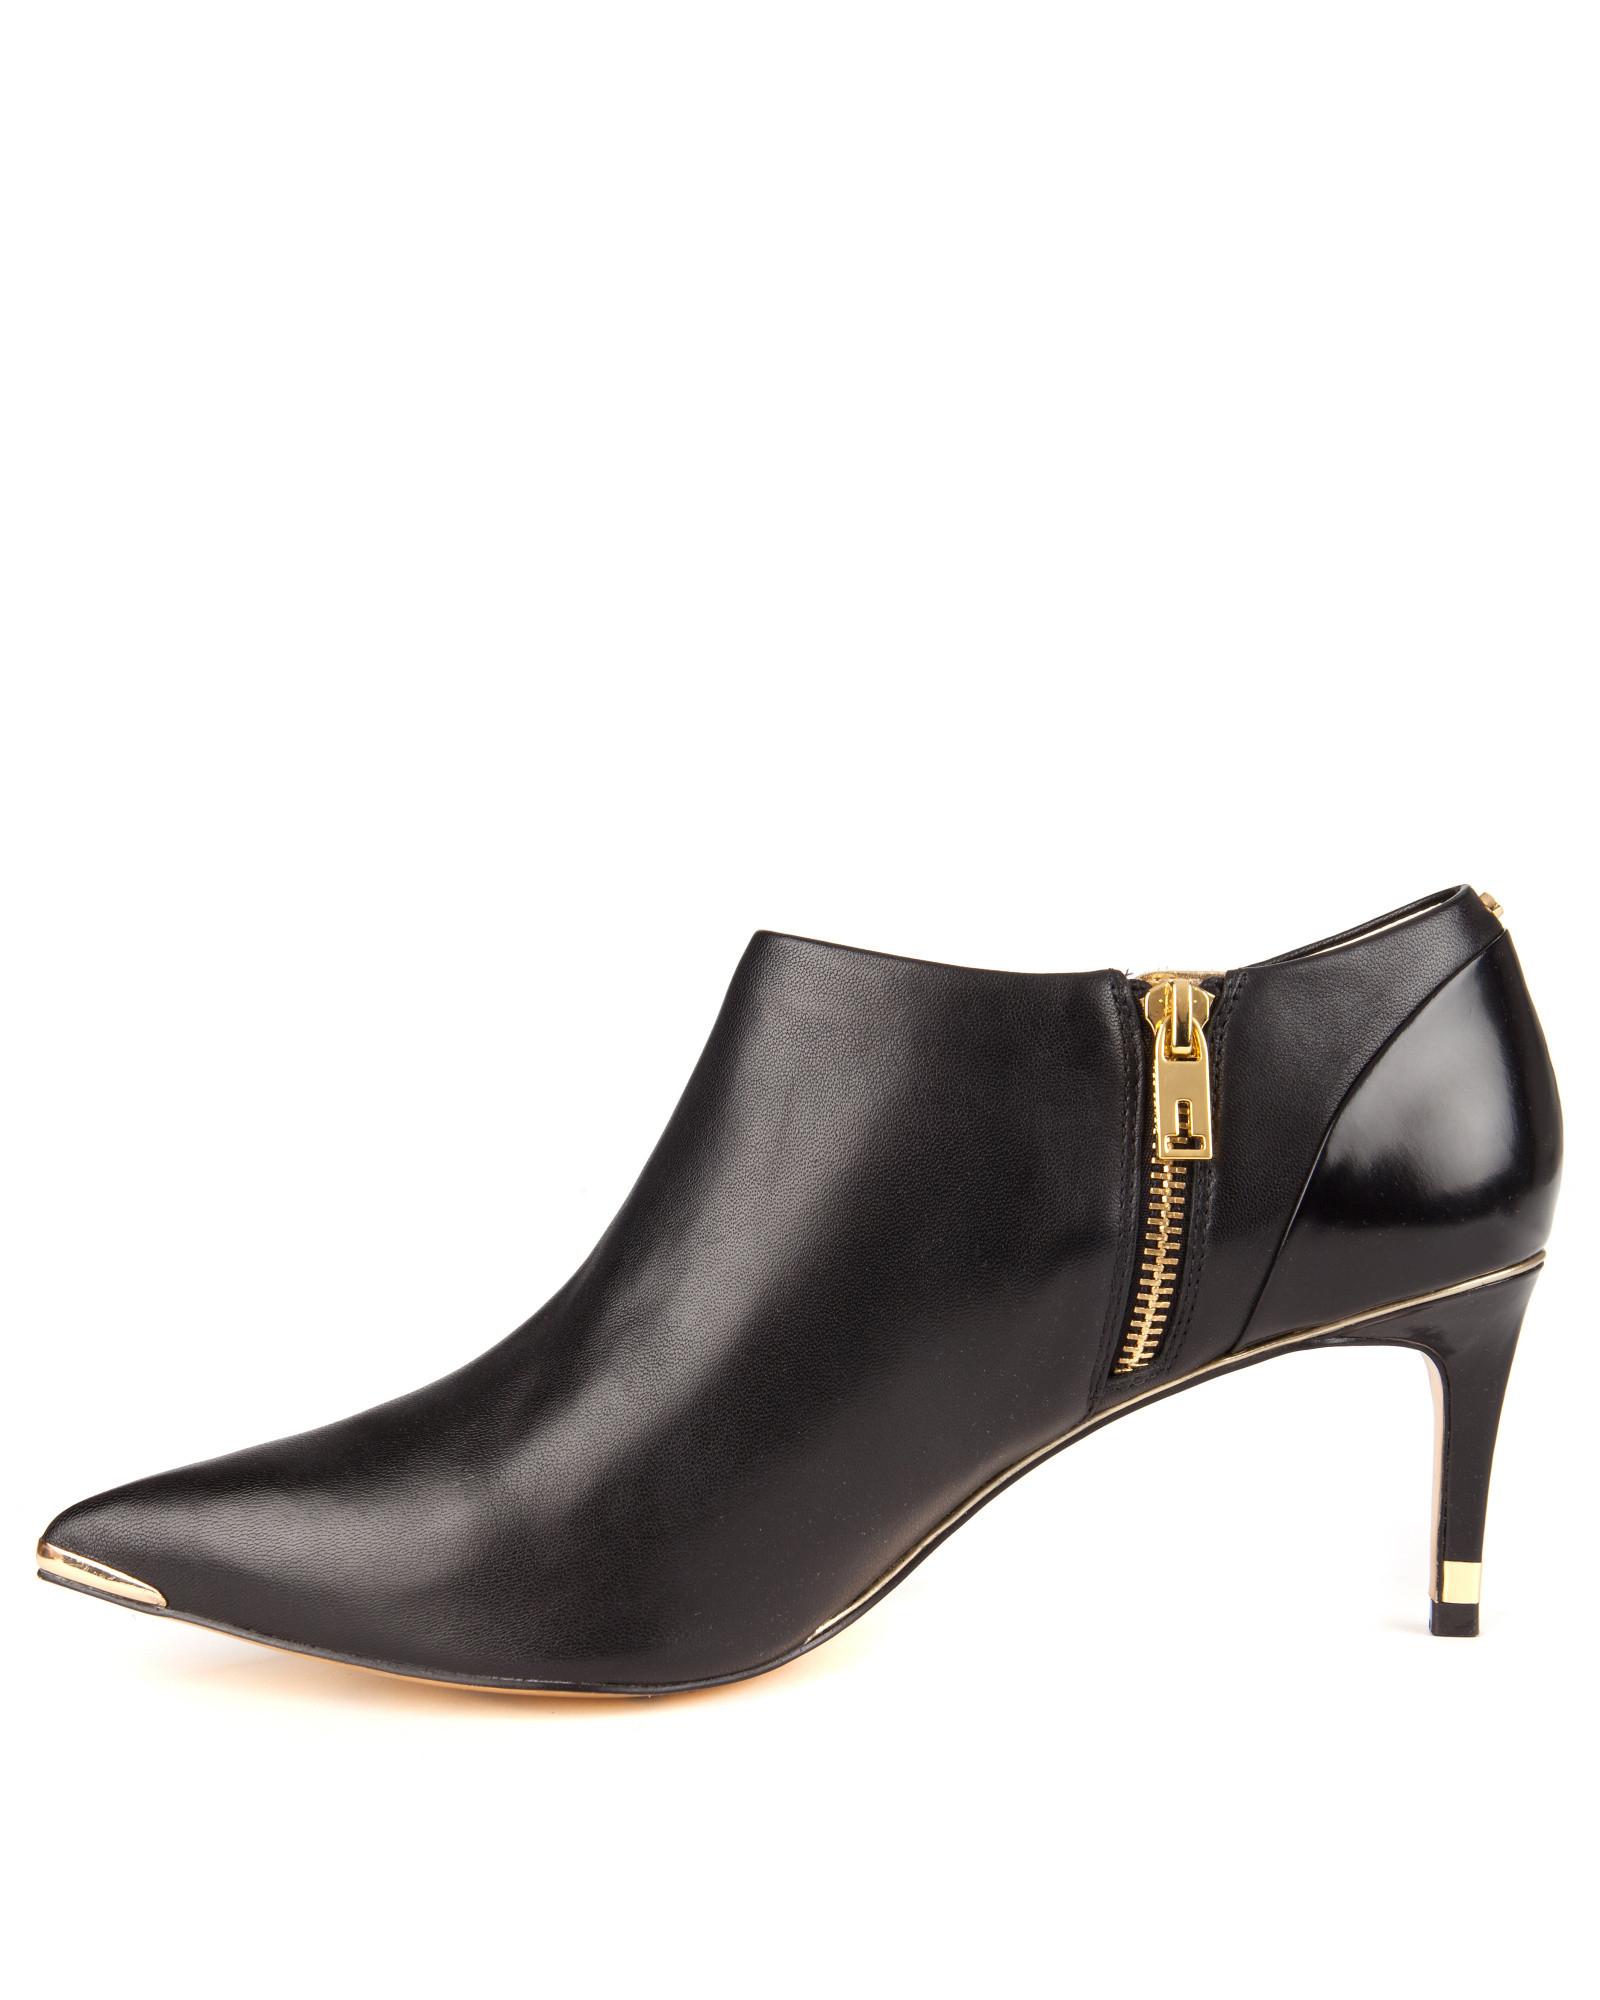 Ted baker Kitten Heel Boots in Black | Lyst